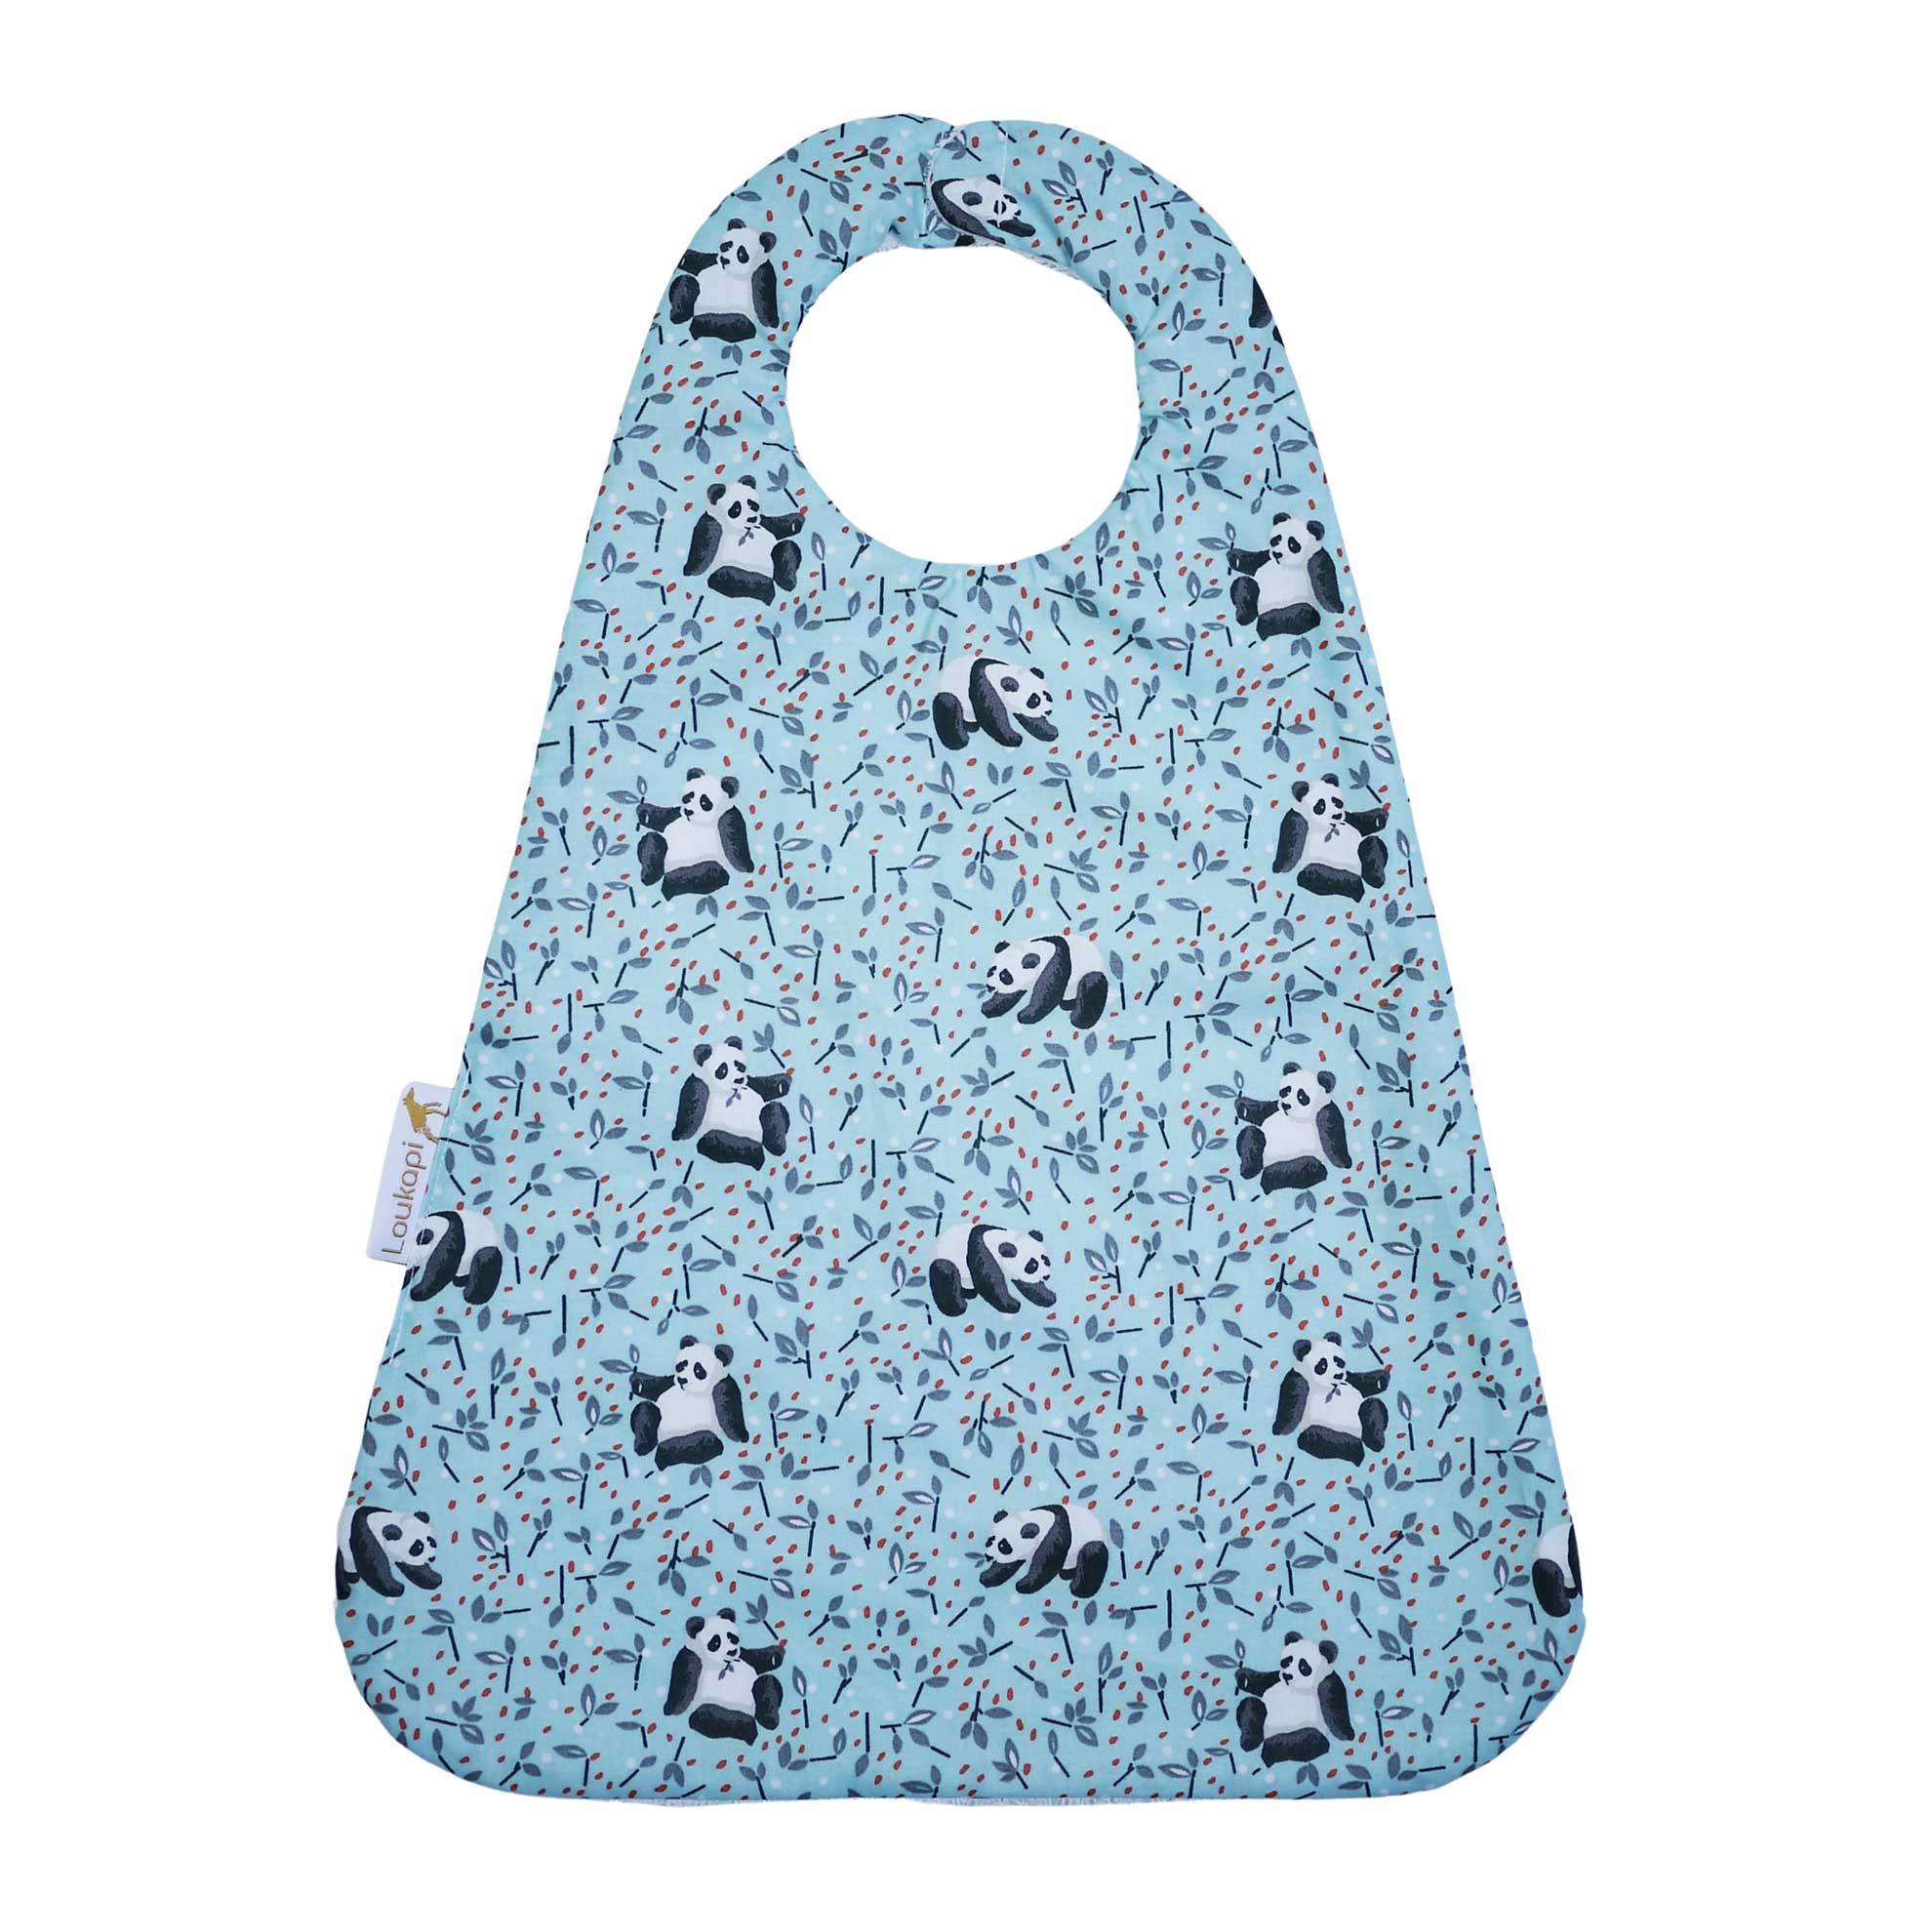 Serviette magnétique panda bleu en coton enduit